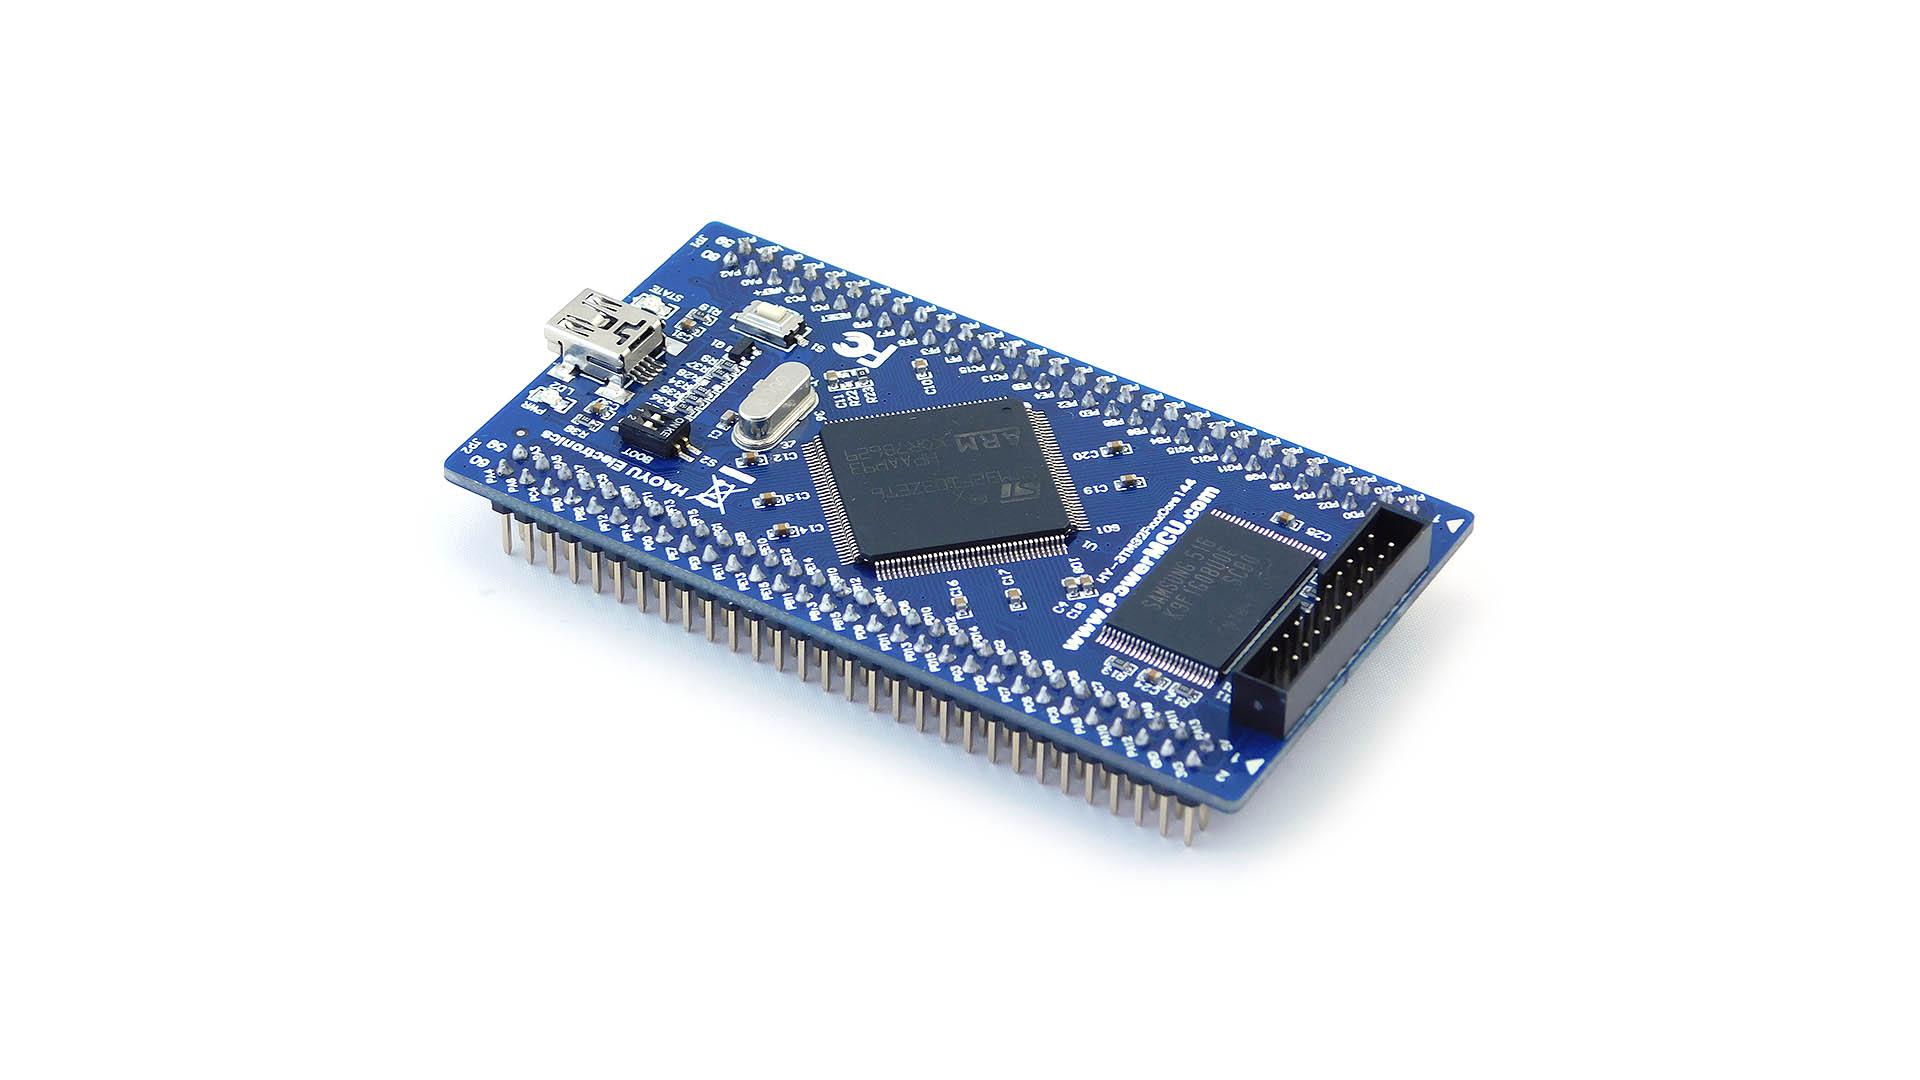 Nettigo: Development board HY-STM32F1xxCore144 with STM32F1